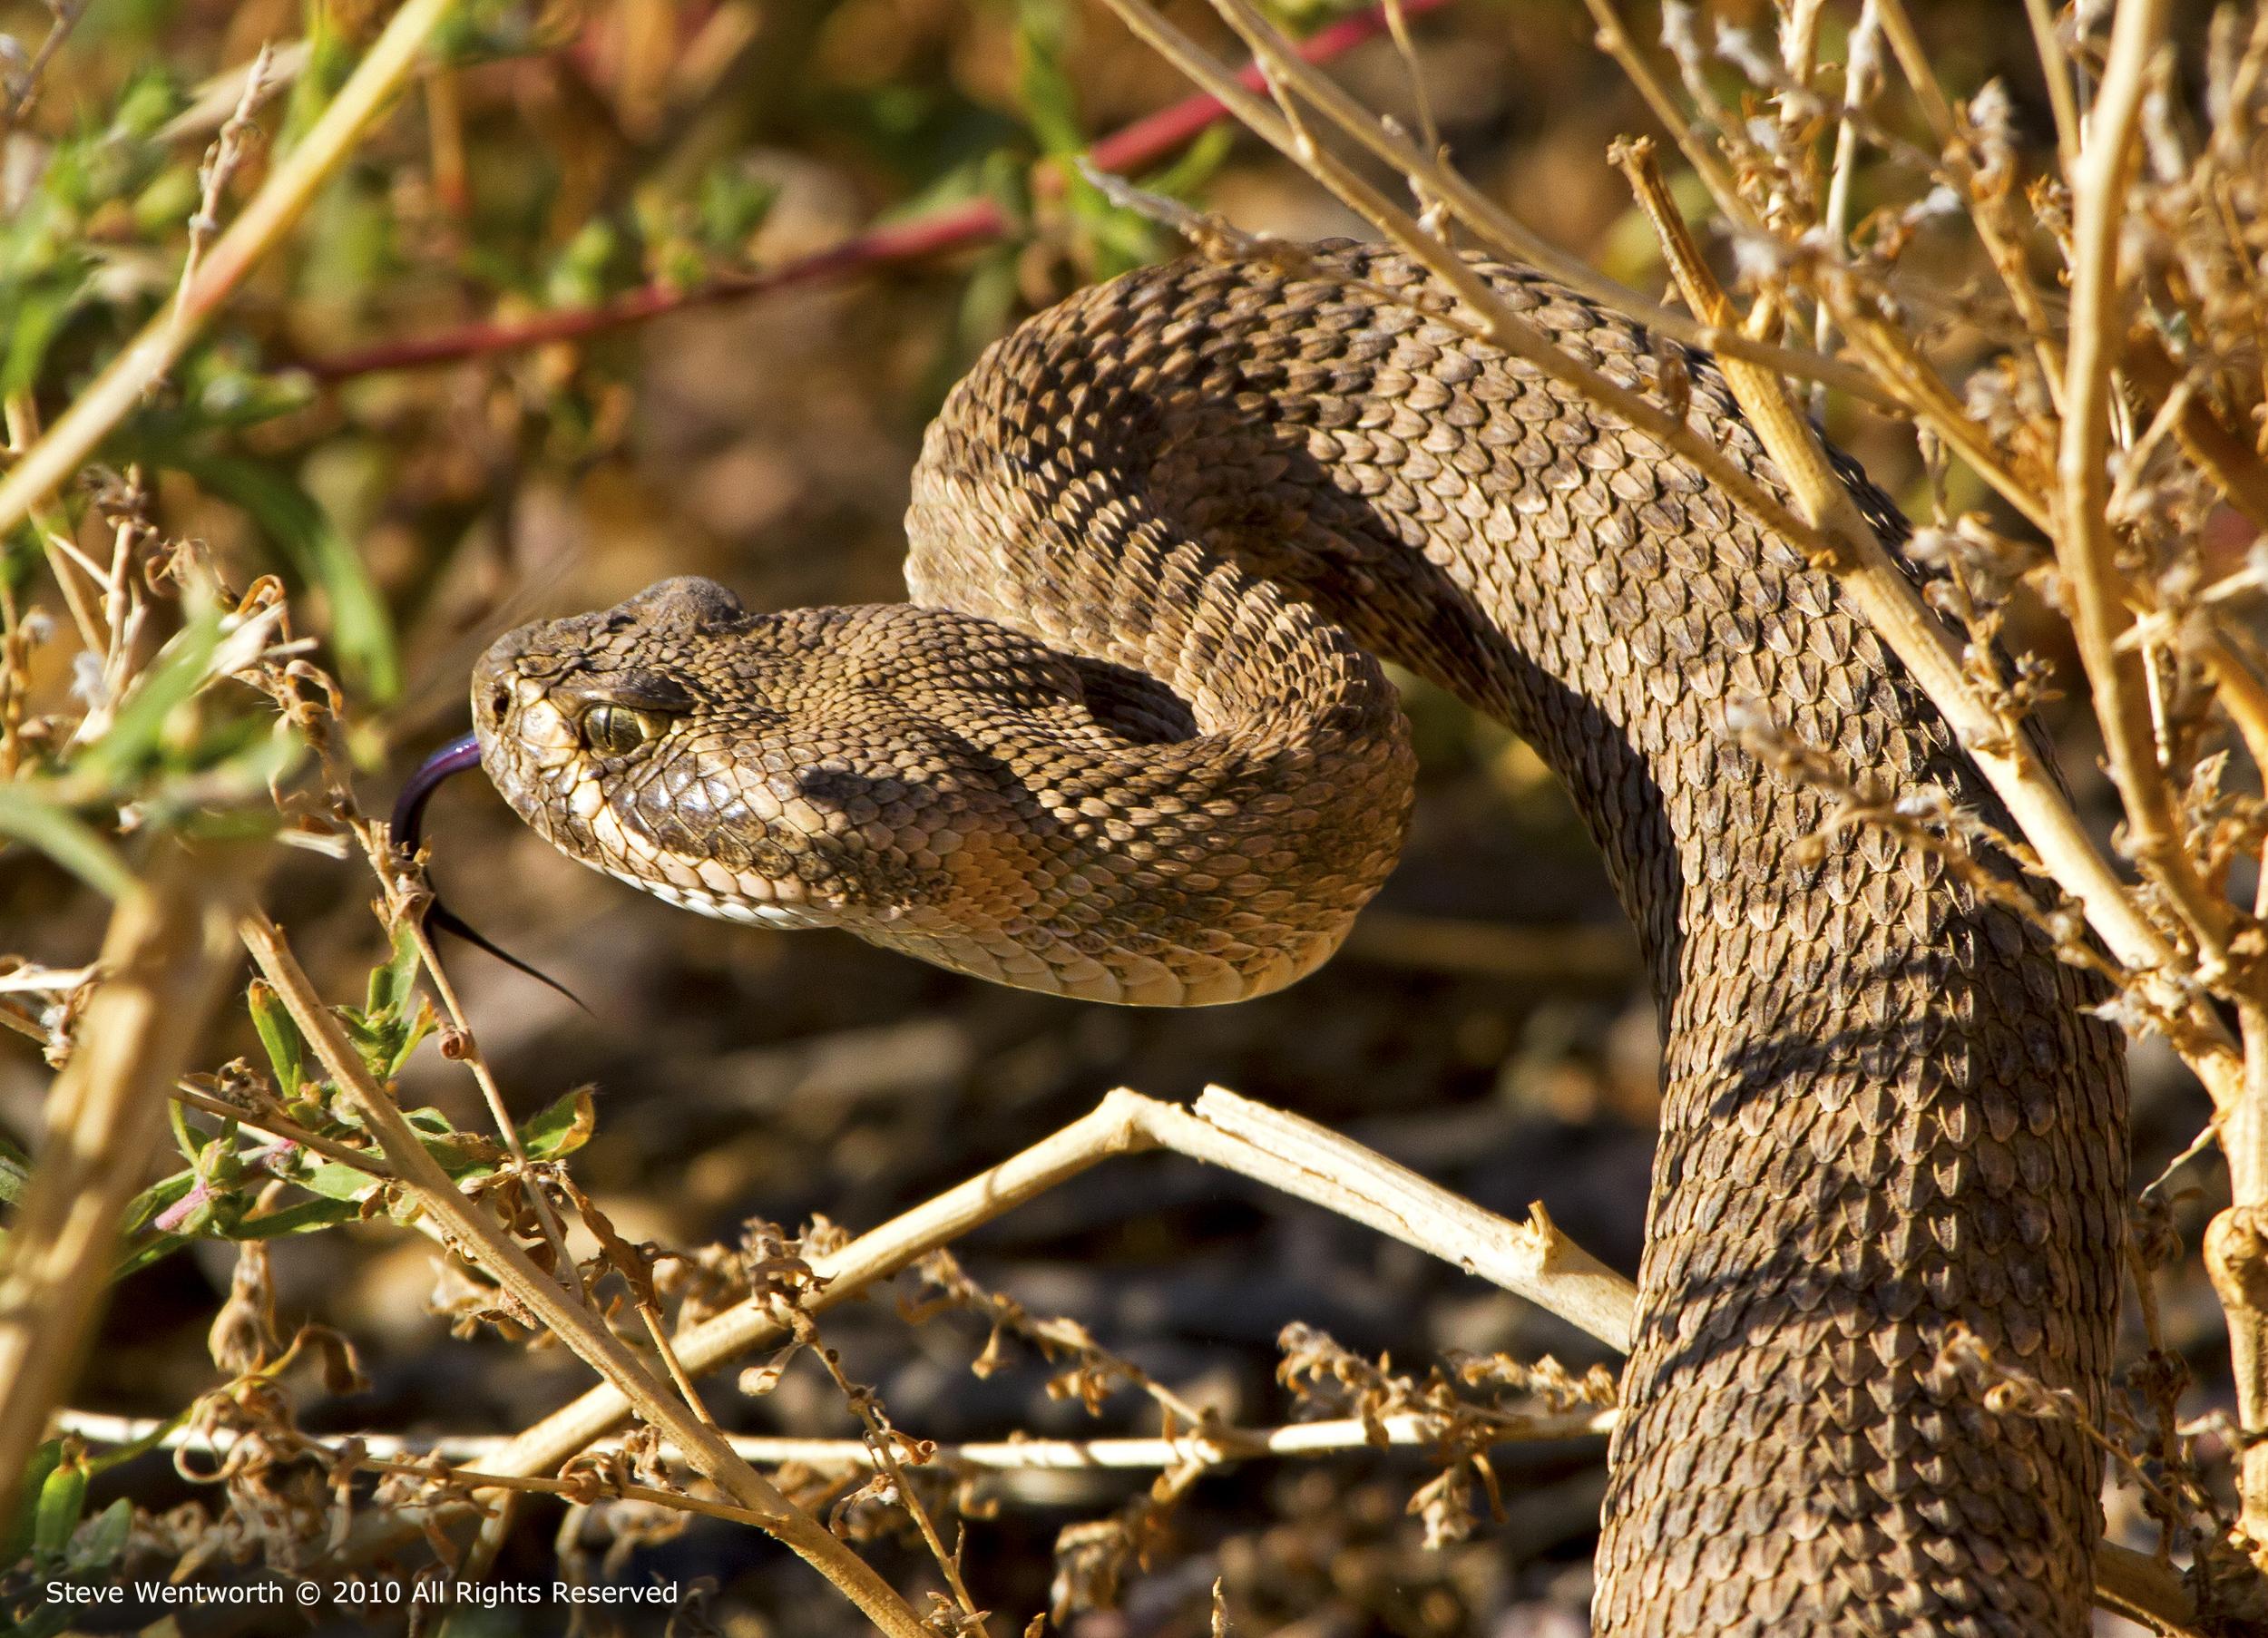 7 - Snake